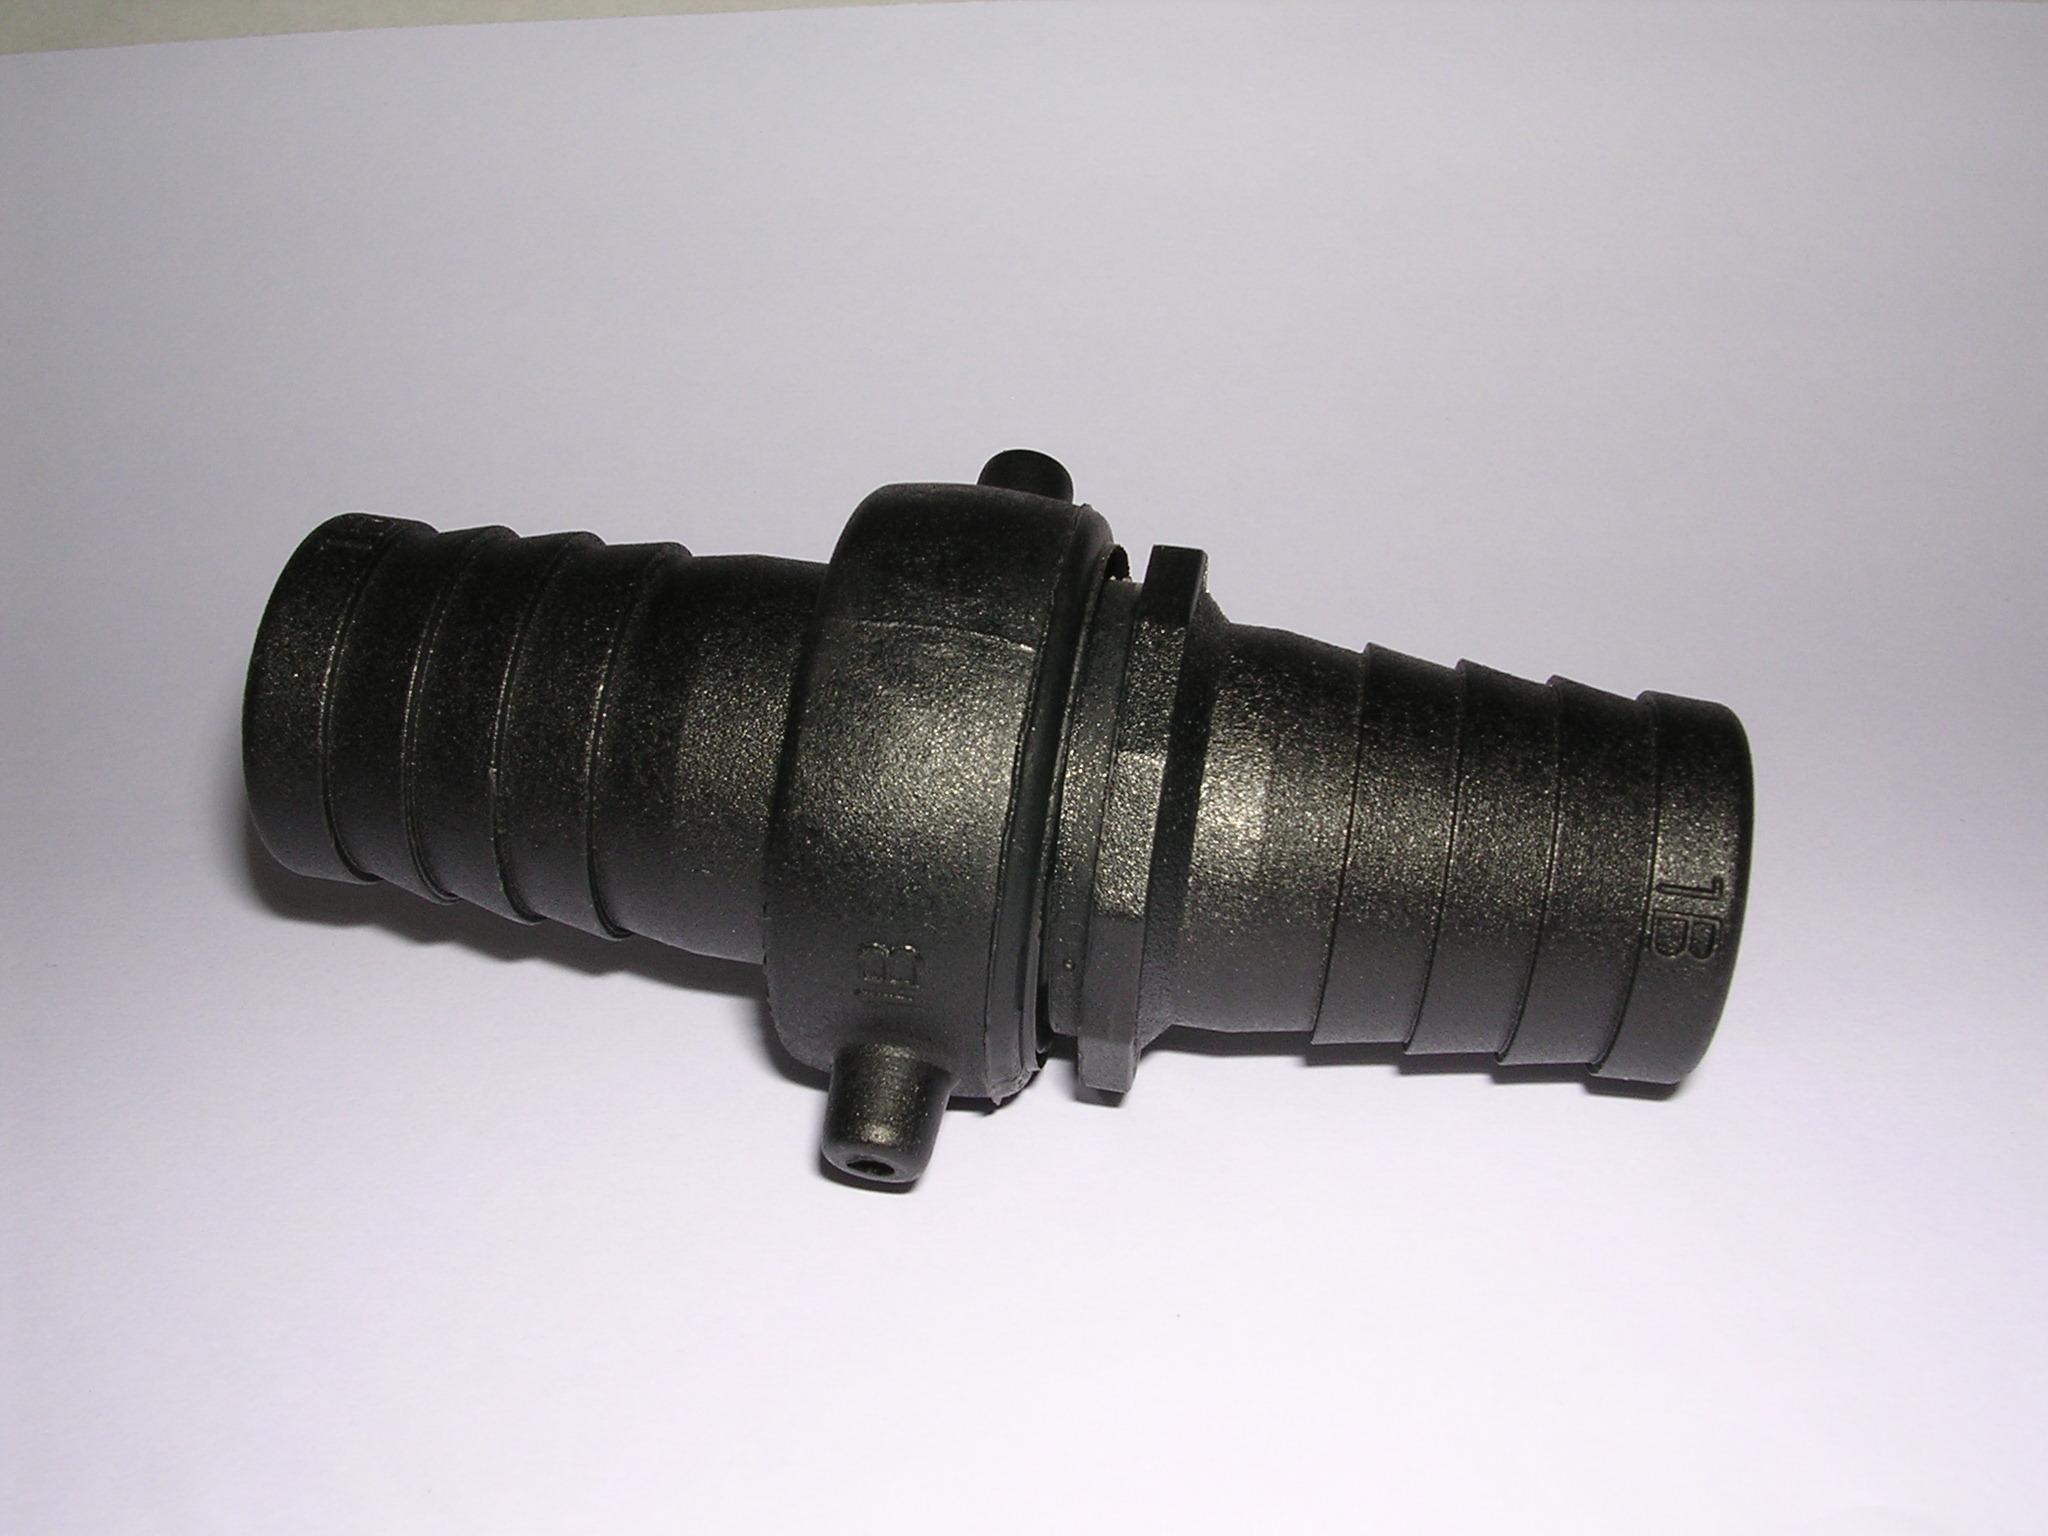 サニーカップH型 25A (口径25mm用ホースxホース延長継ぎ手) 1インチホース継手 樹脂製